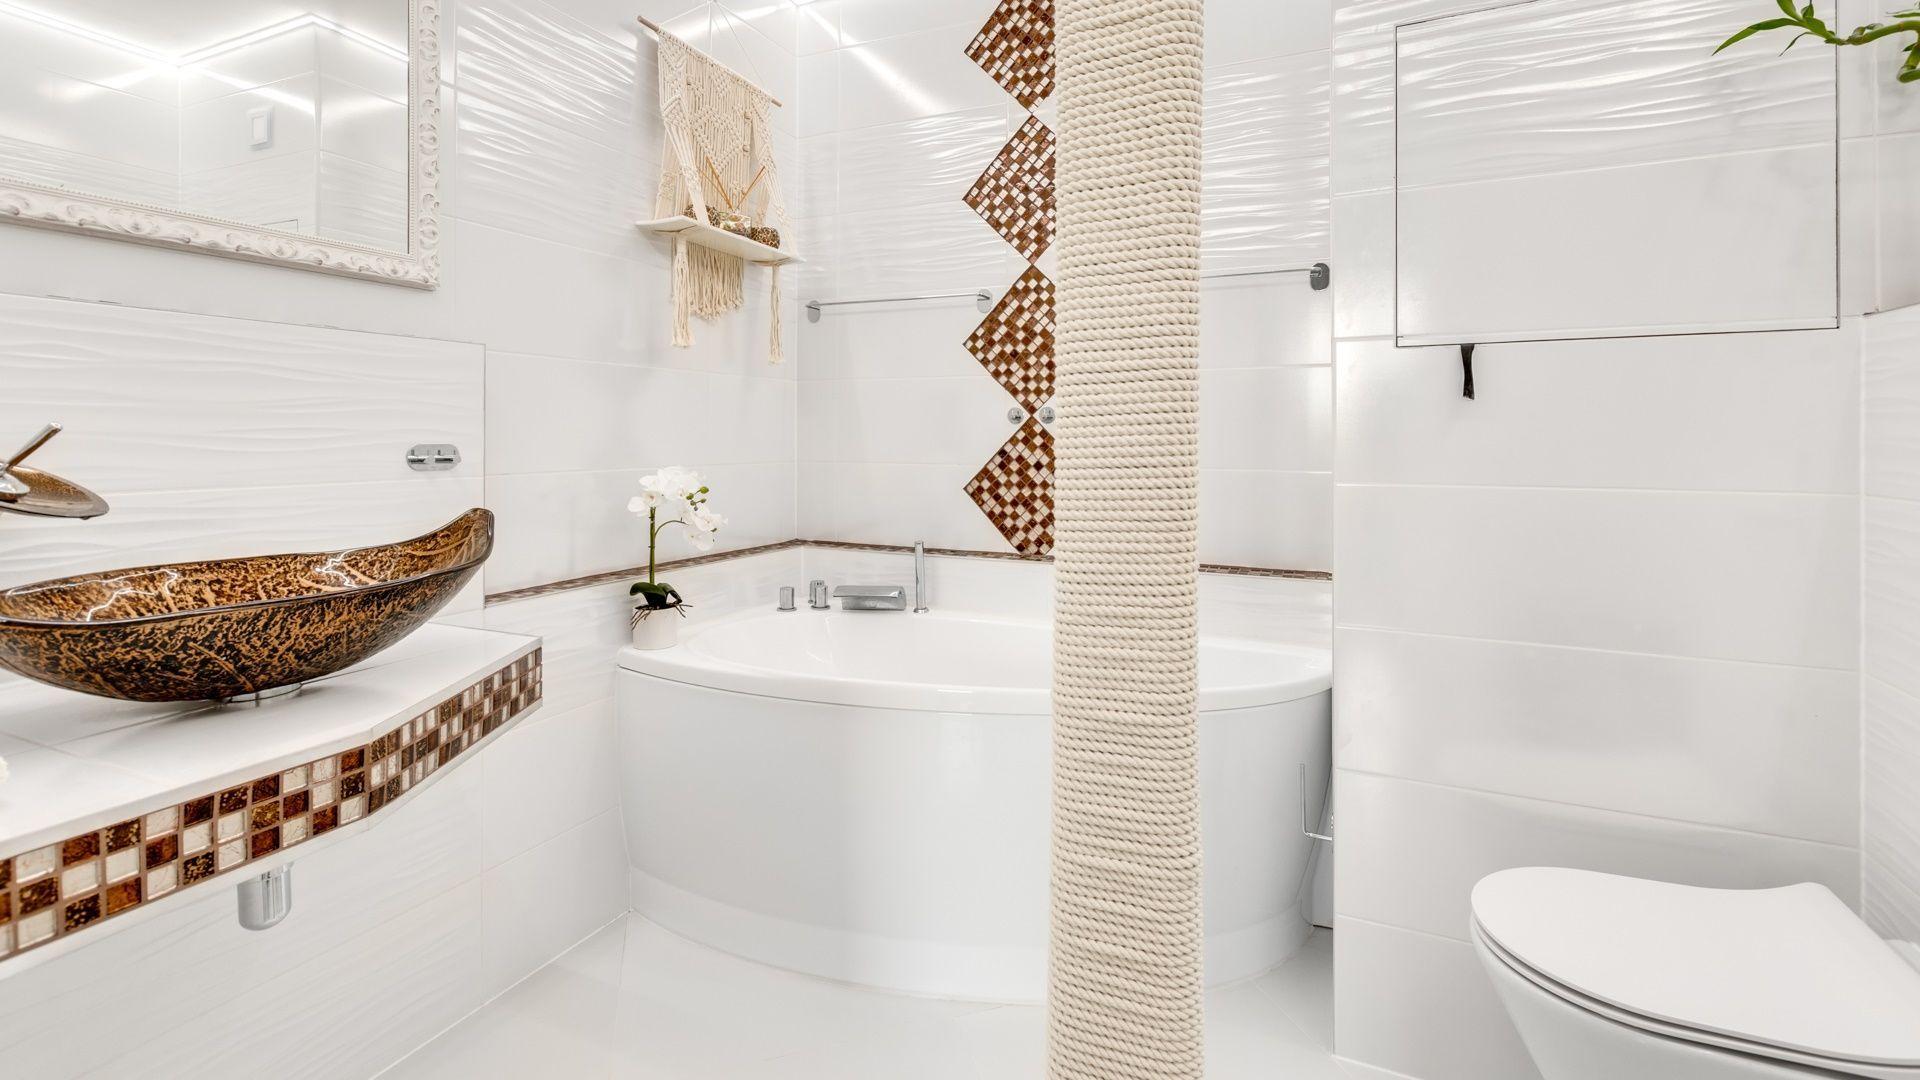 3-izbový byt-Predaj-Bratislava - m. č. Podunajské Biskupice-163000.00 €